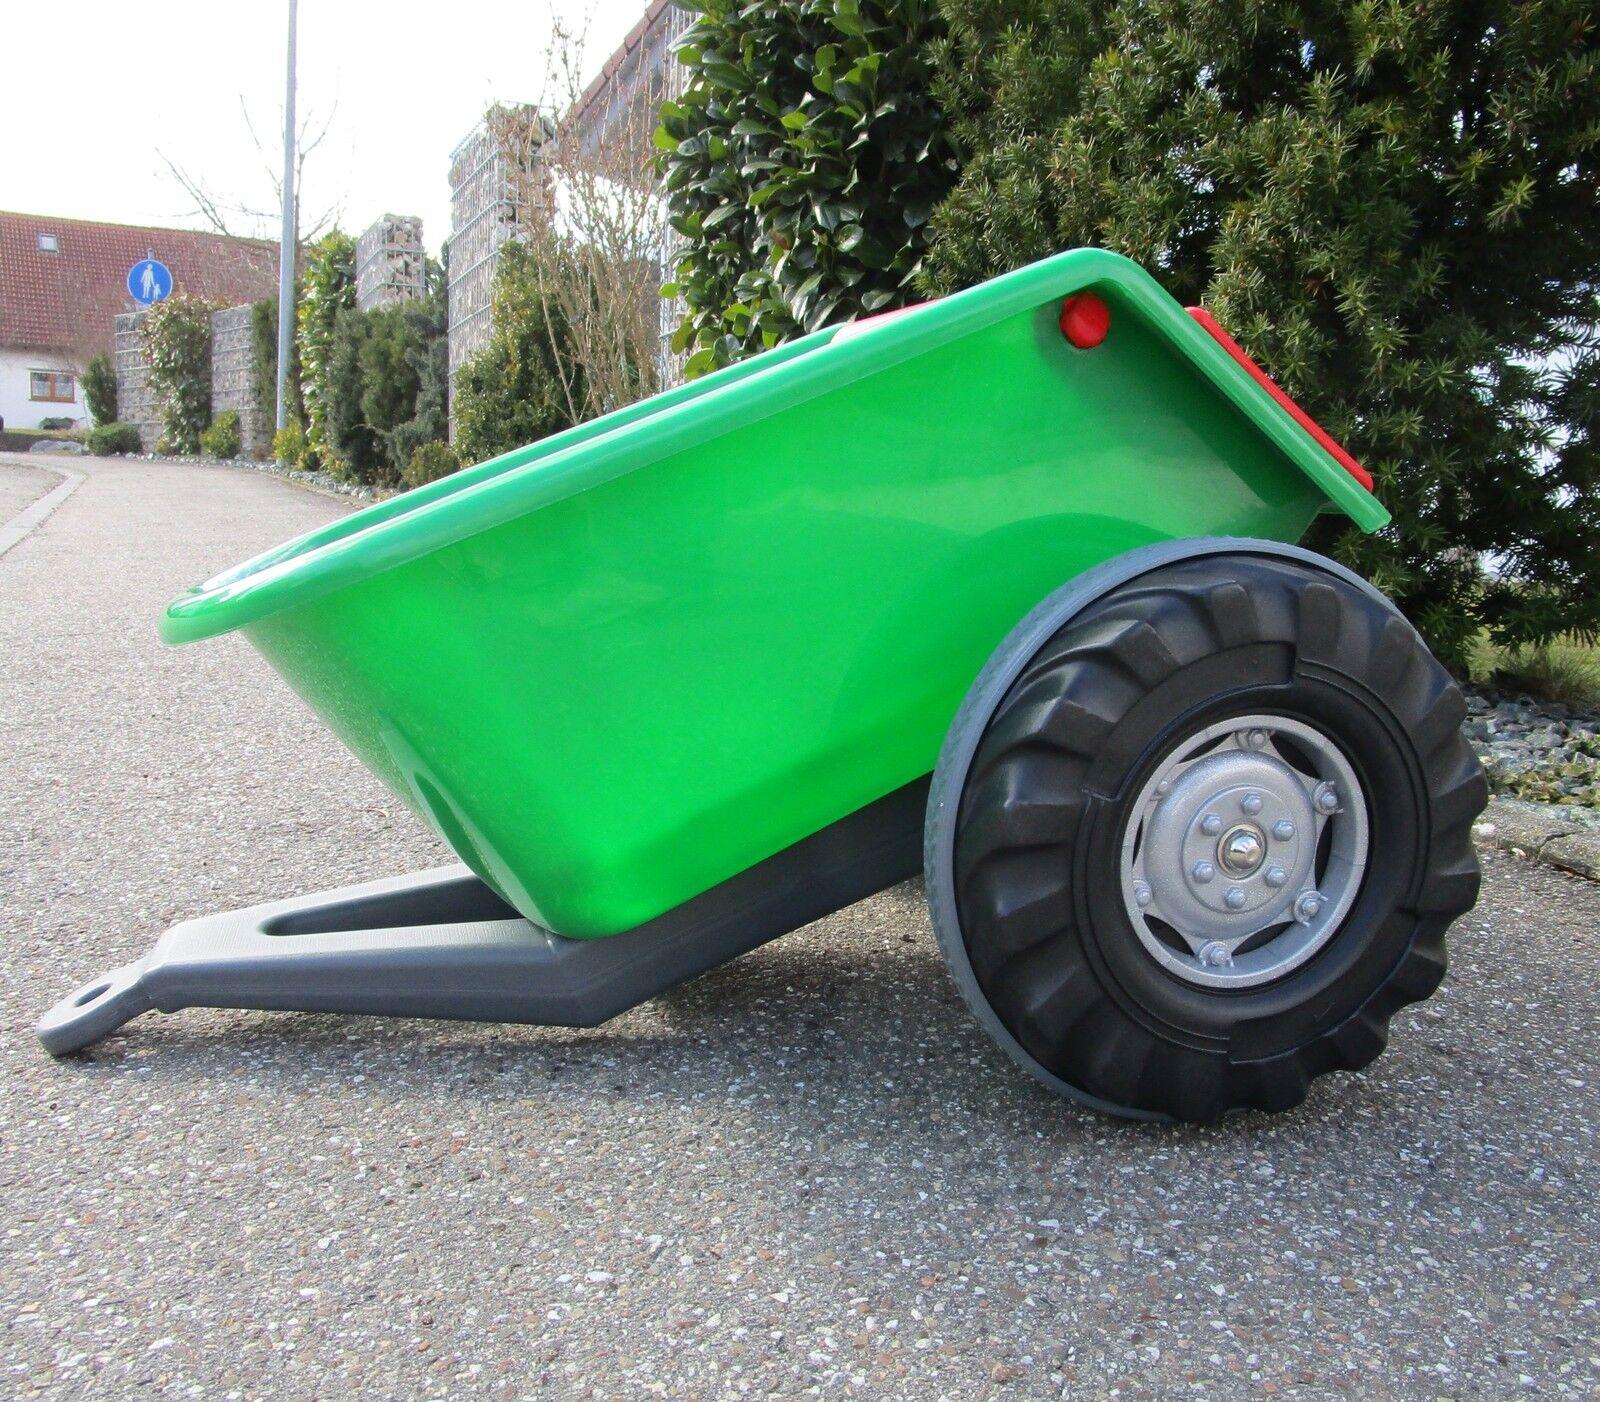 Anhänge für  Traktor mit 2 Motoren je 12V Traktor Hänger °07295